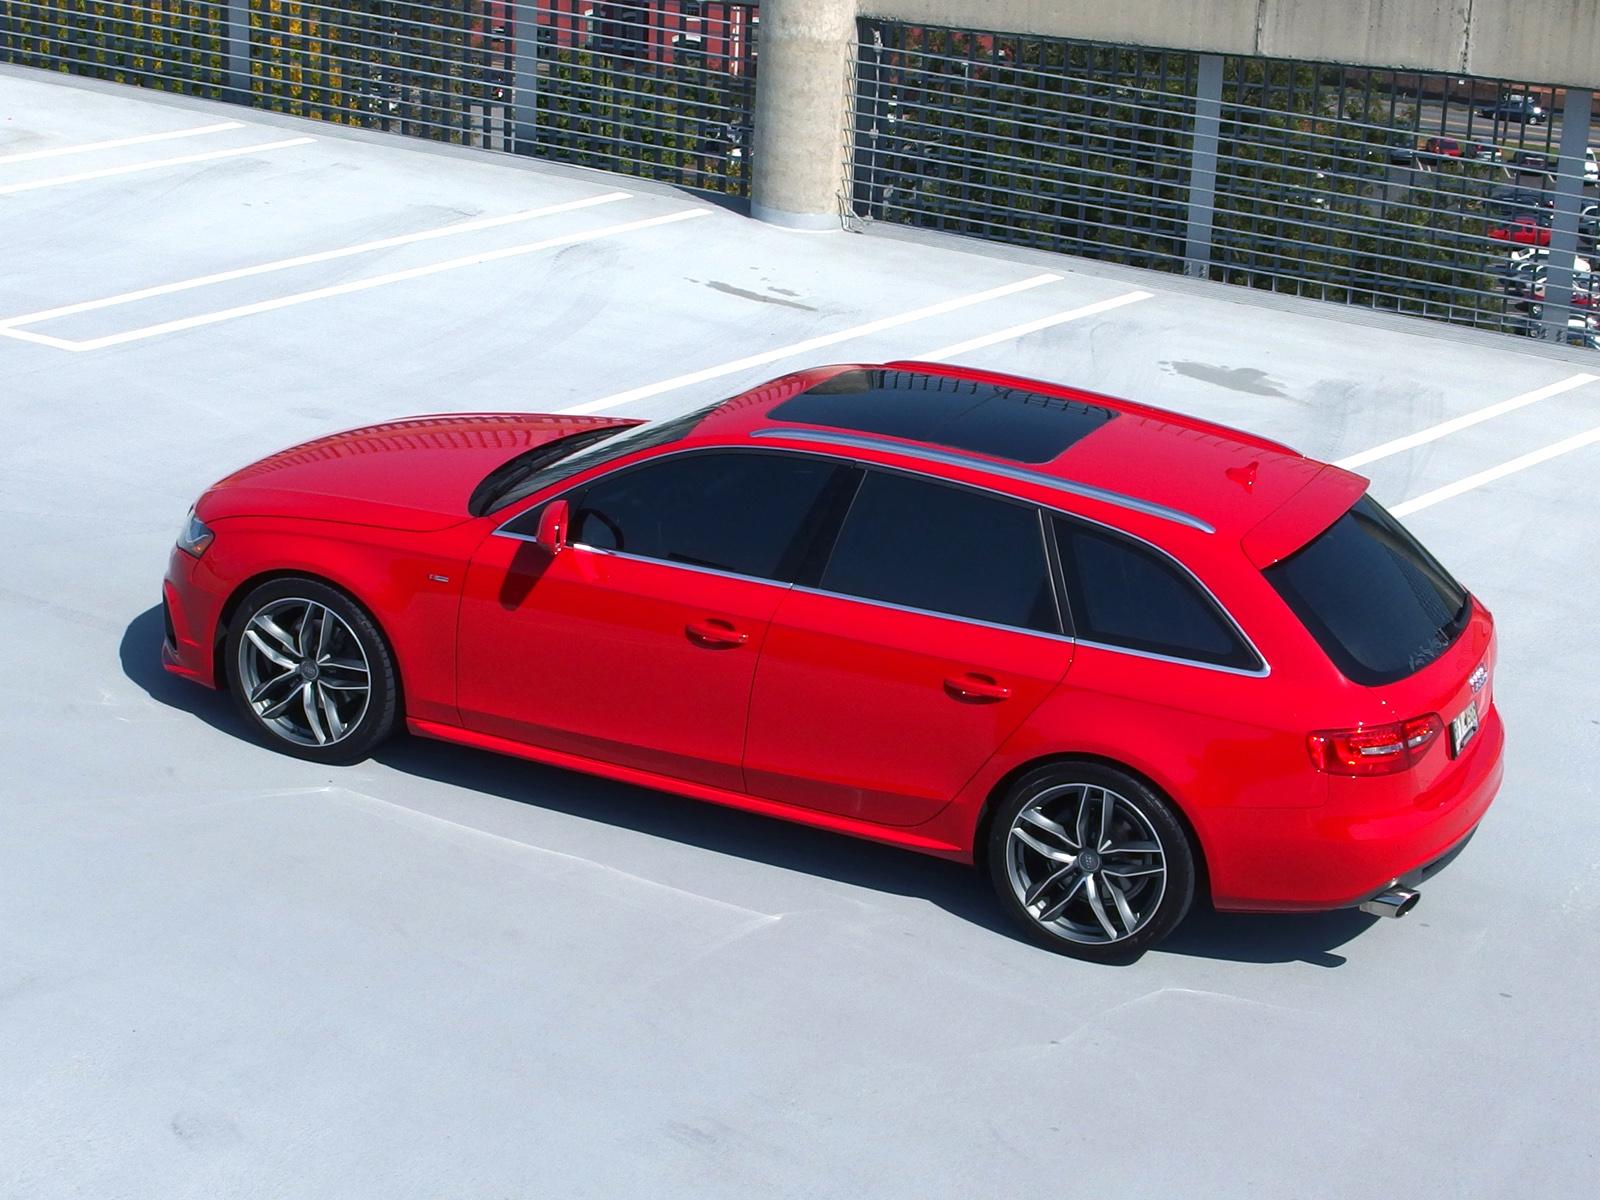 P0089 audi a4 quattro | 2007 Audi A4 Fuel Pressure Regulator Failure